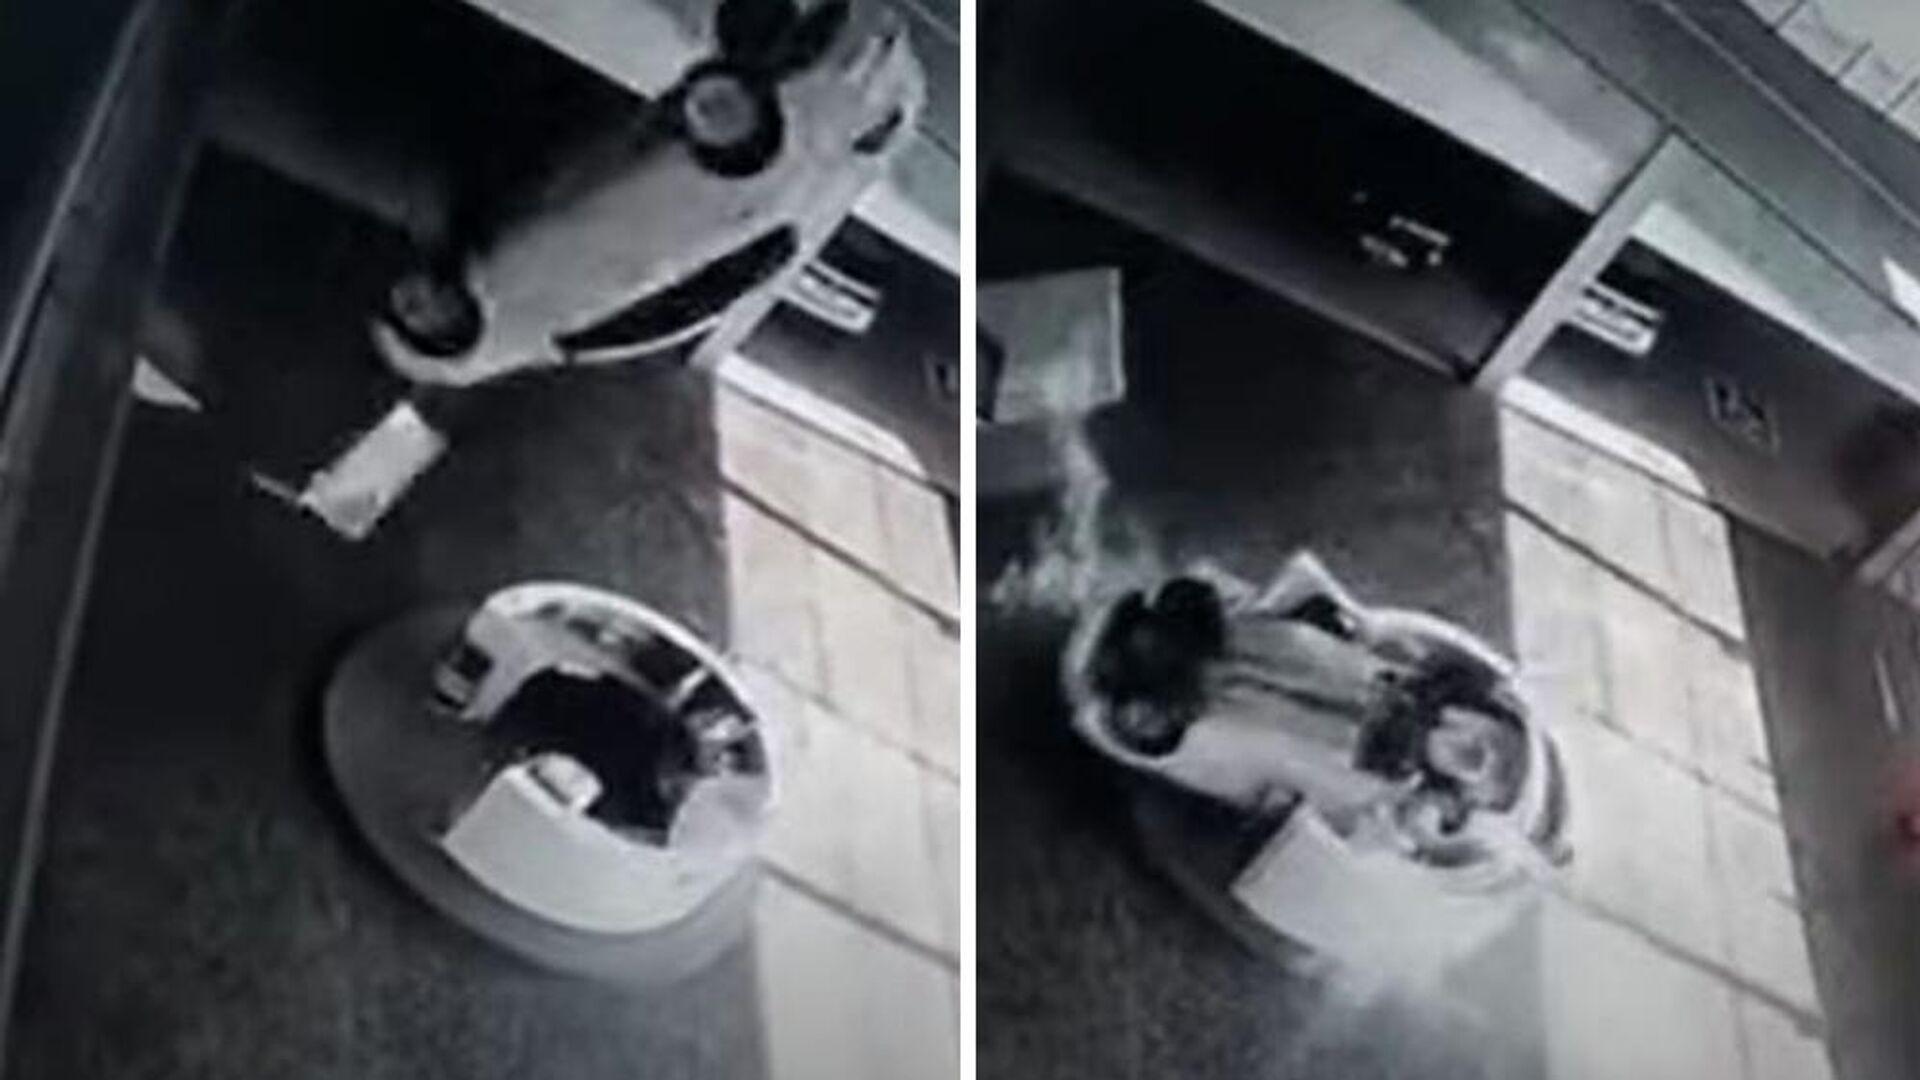 Αμάξι σε έκθεση αυτοκινήτου πέφτει από τον 2ο όροφο επάνω σε ρεσεψιονίστ - Sputnik Ελλάδα, 1920, 01.10.2021